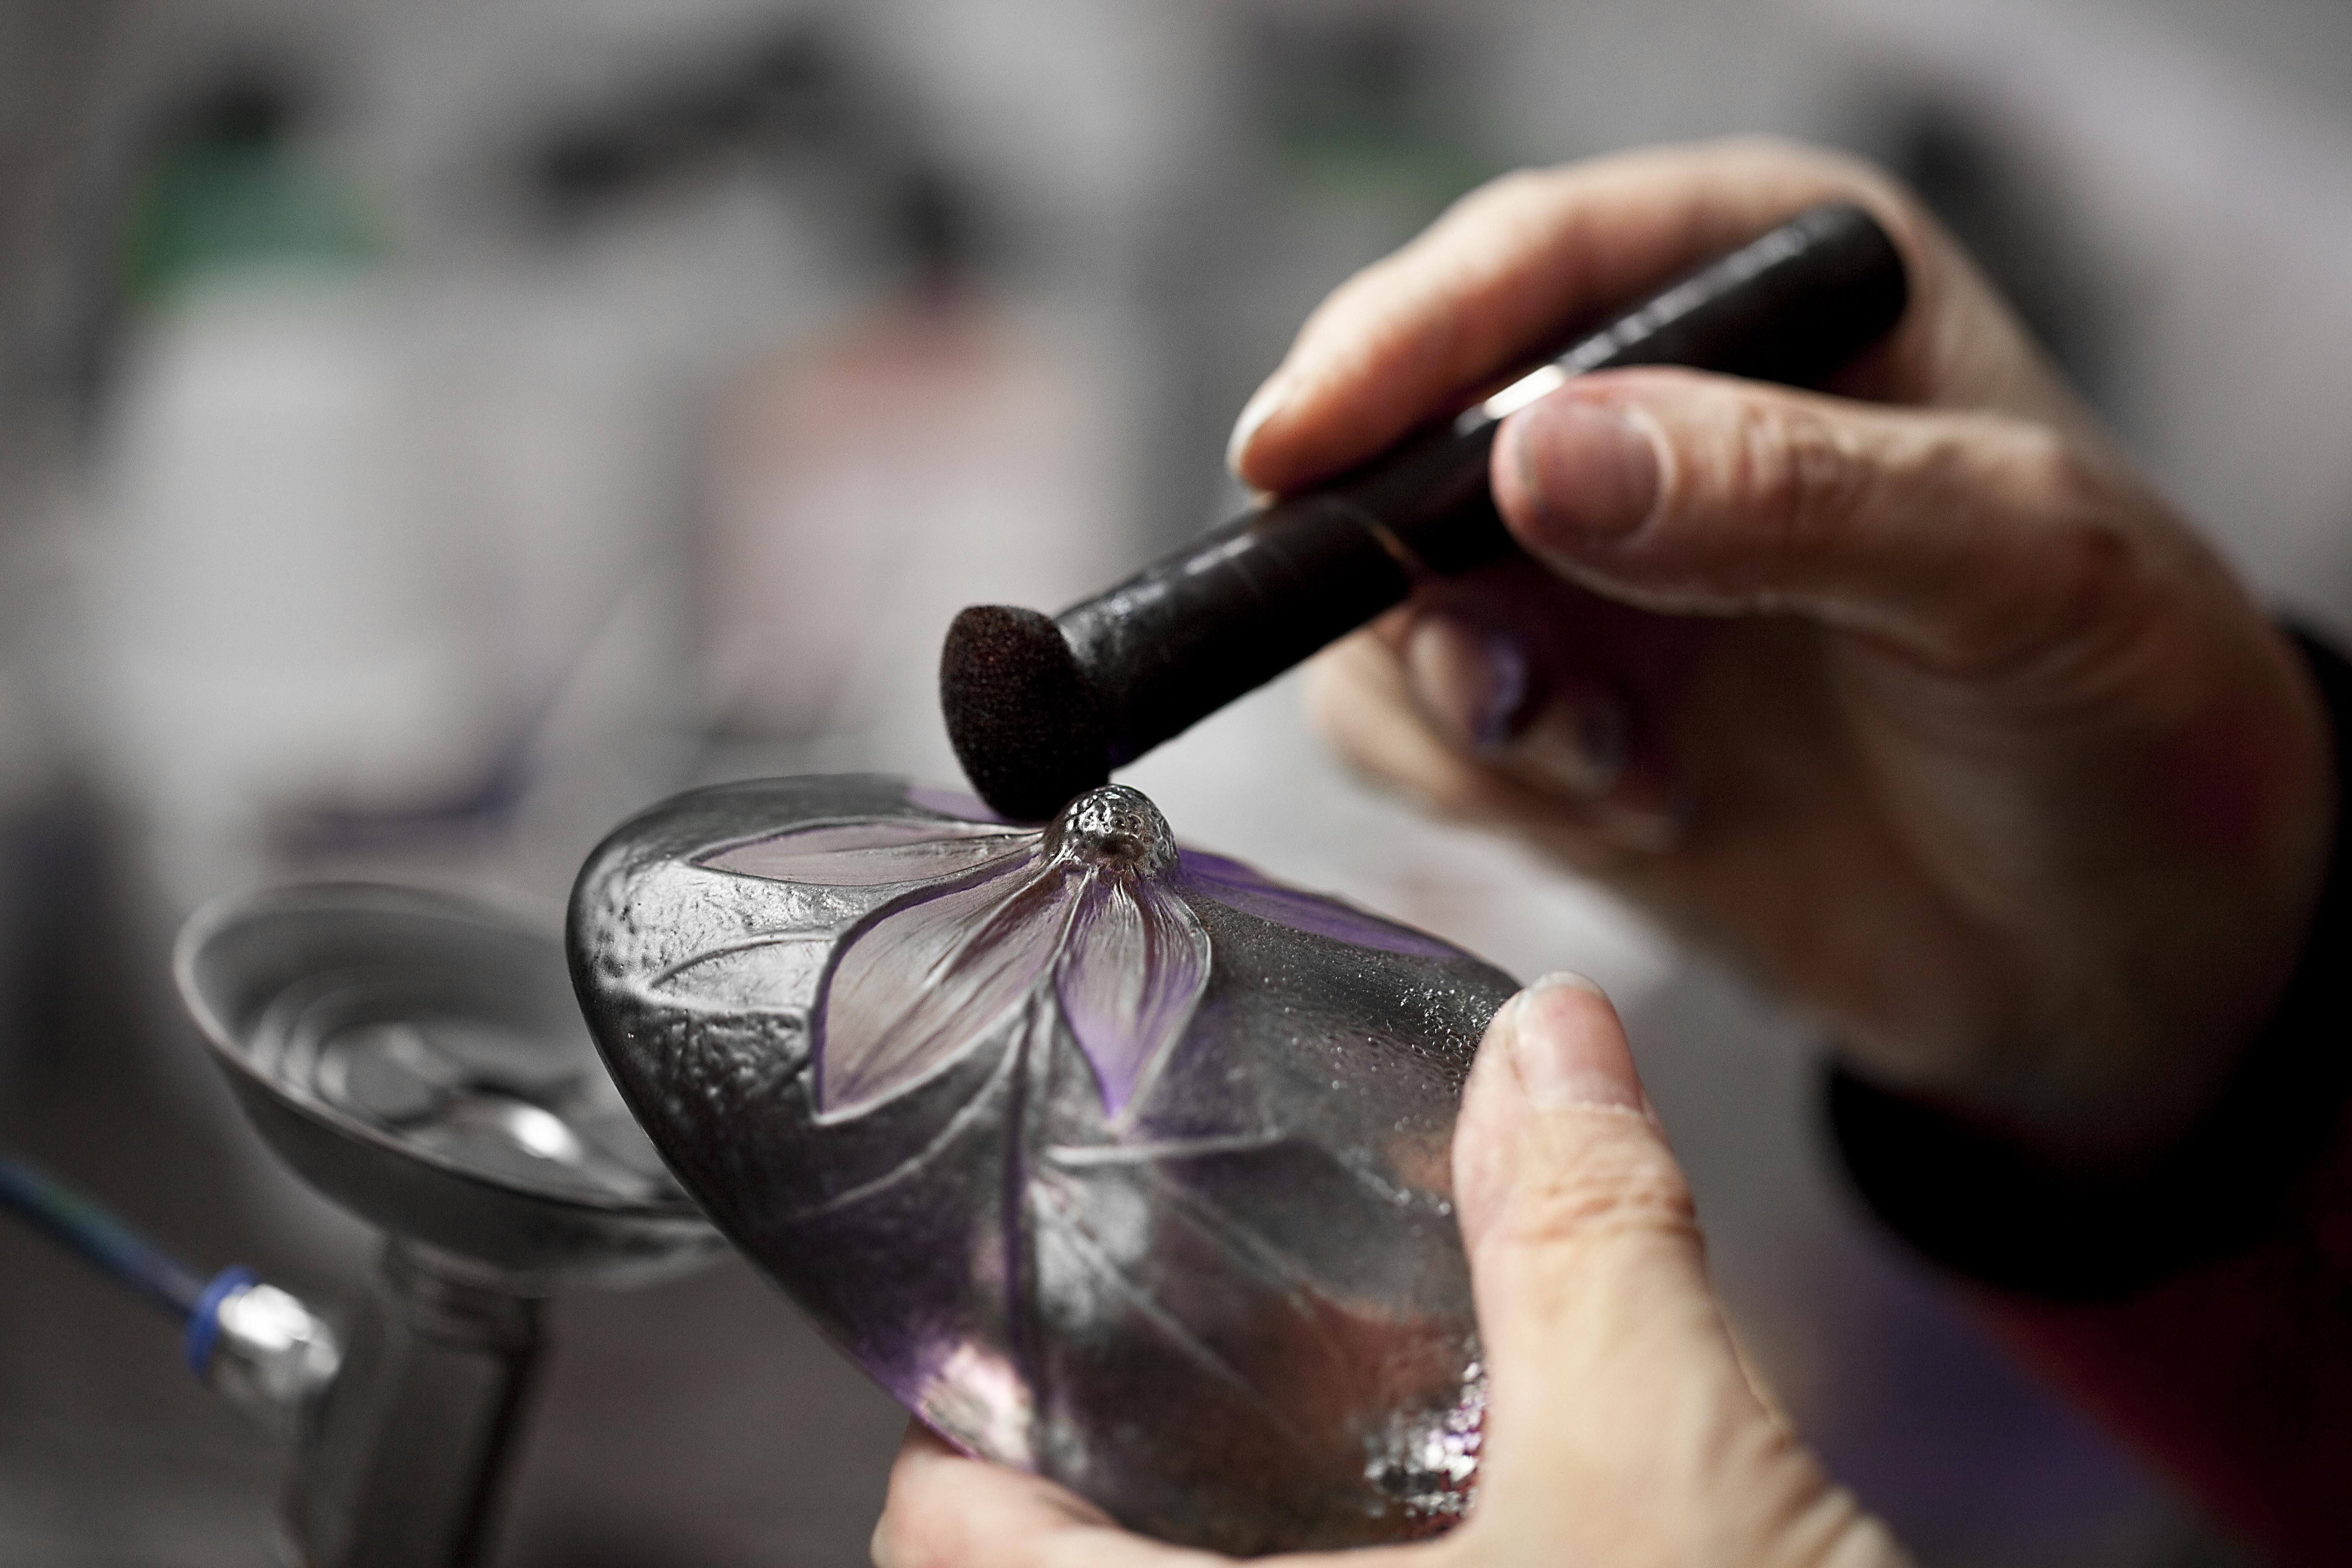 Vill du vara glasmålare för en stund?